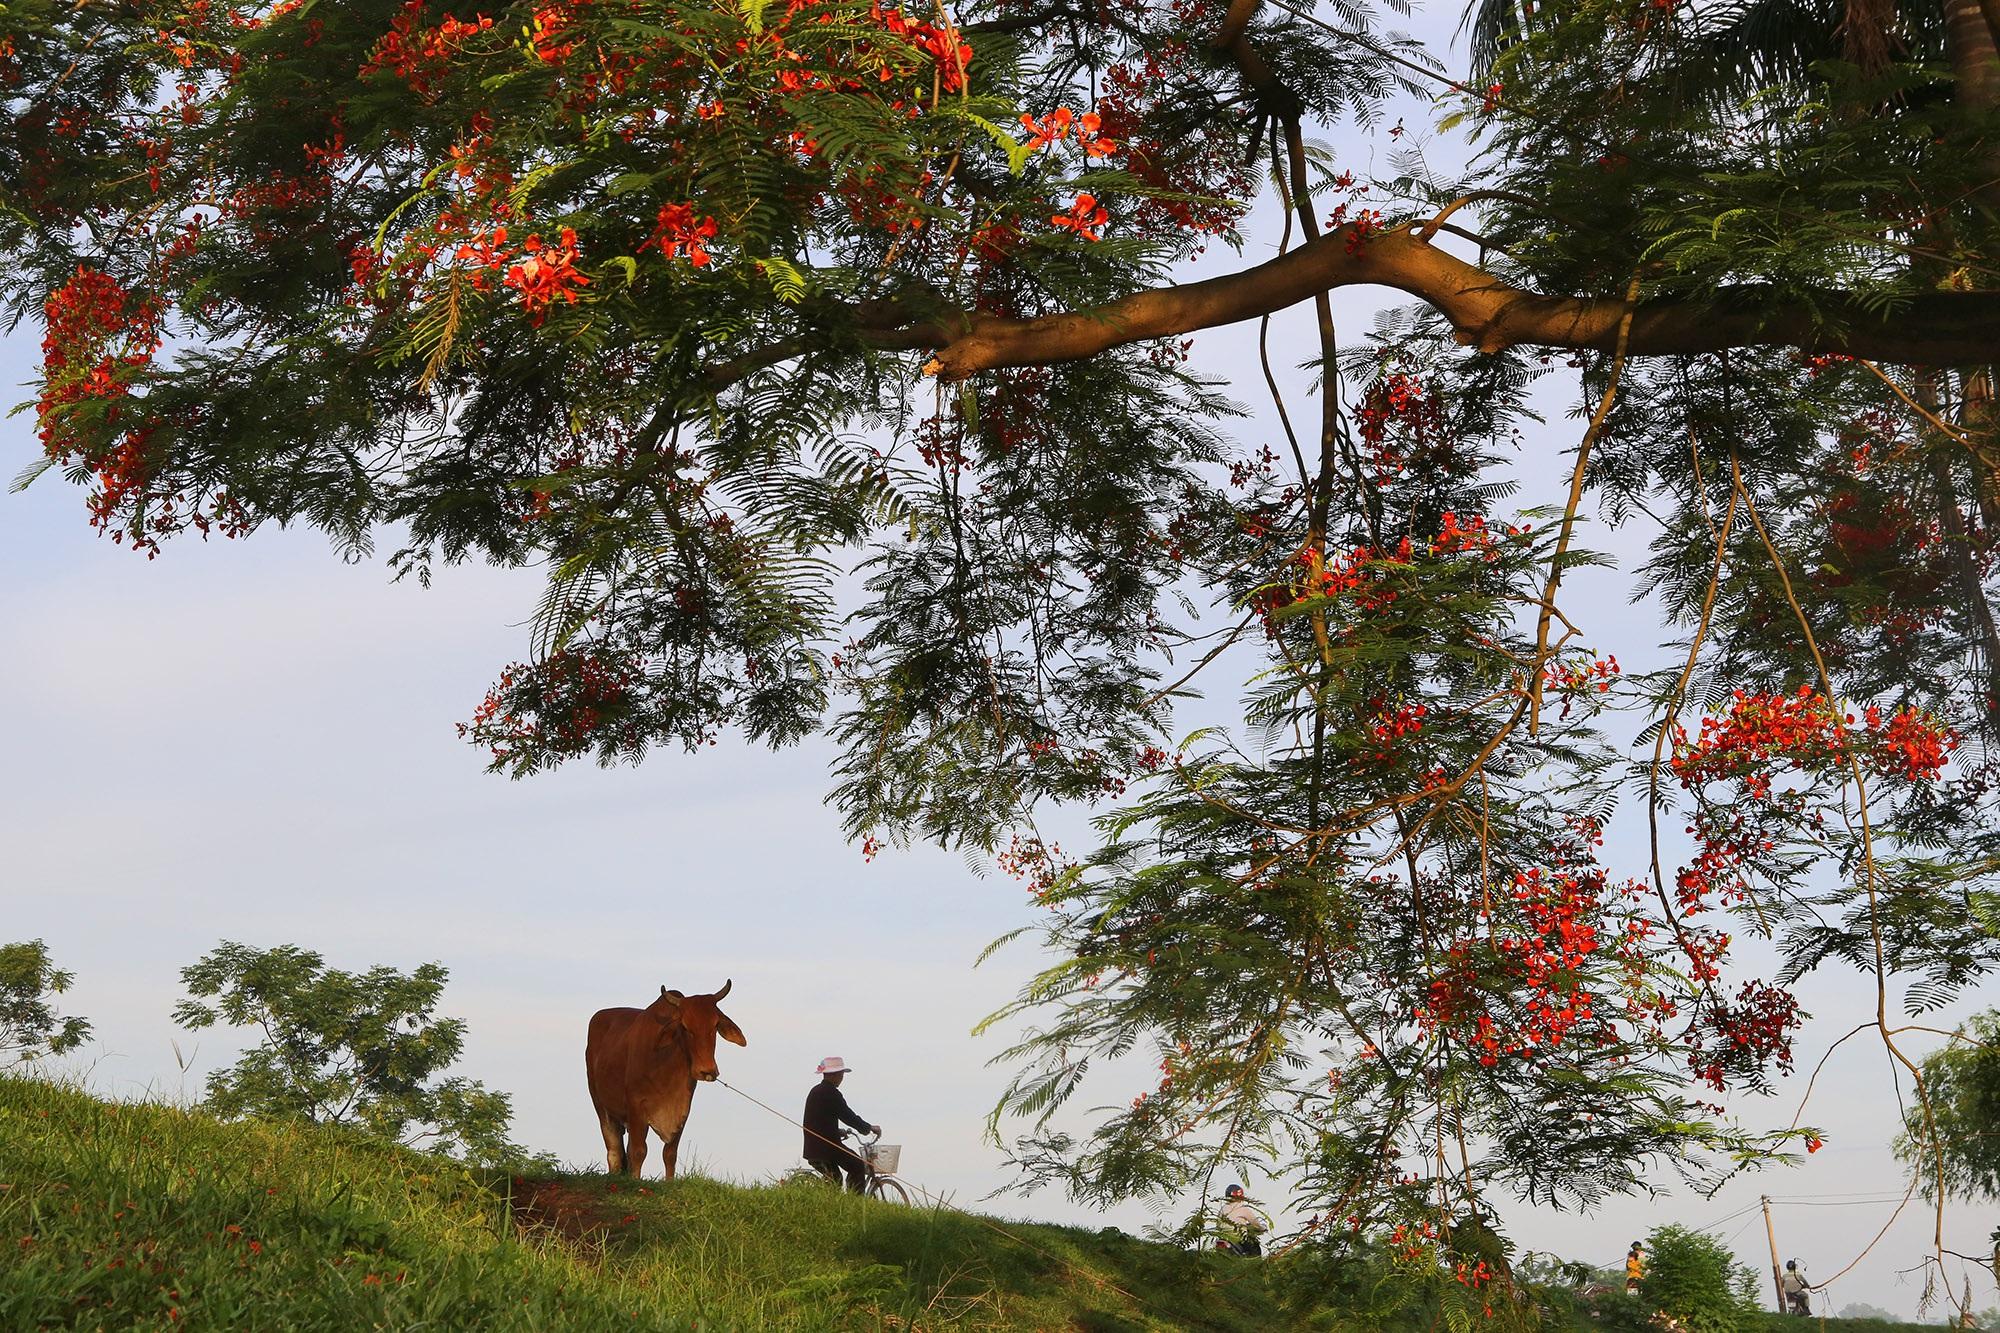 Phong cảnh bình yên nhìn từ những triền đê ở Hà Nội - 14